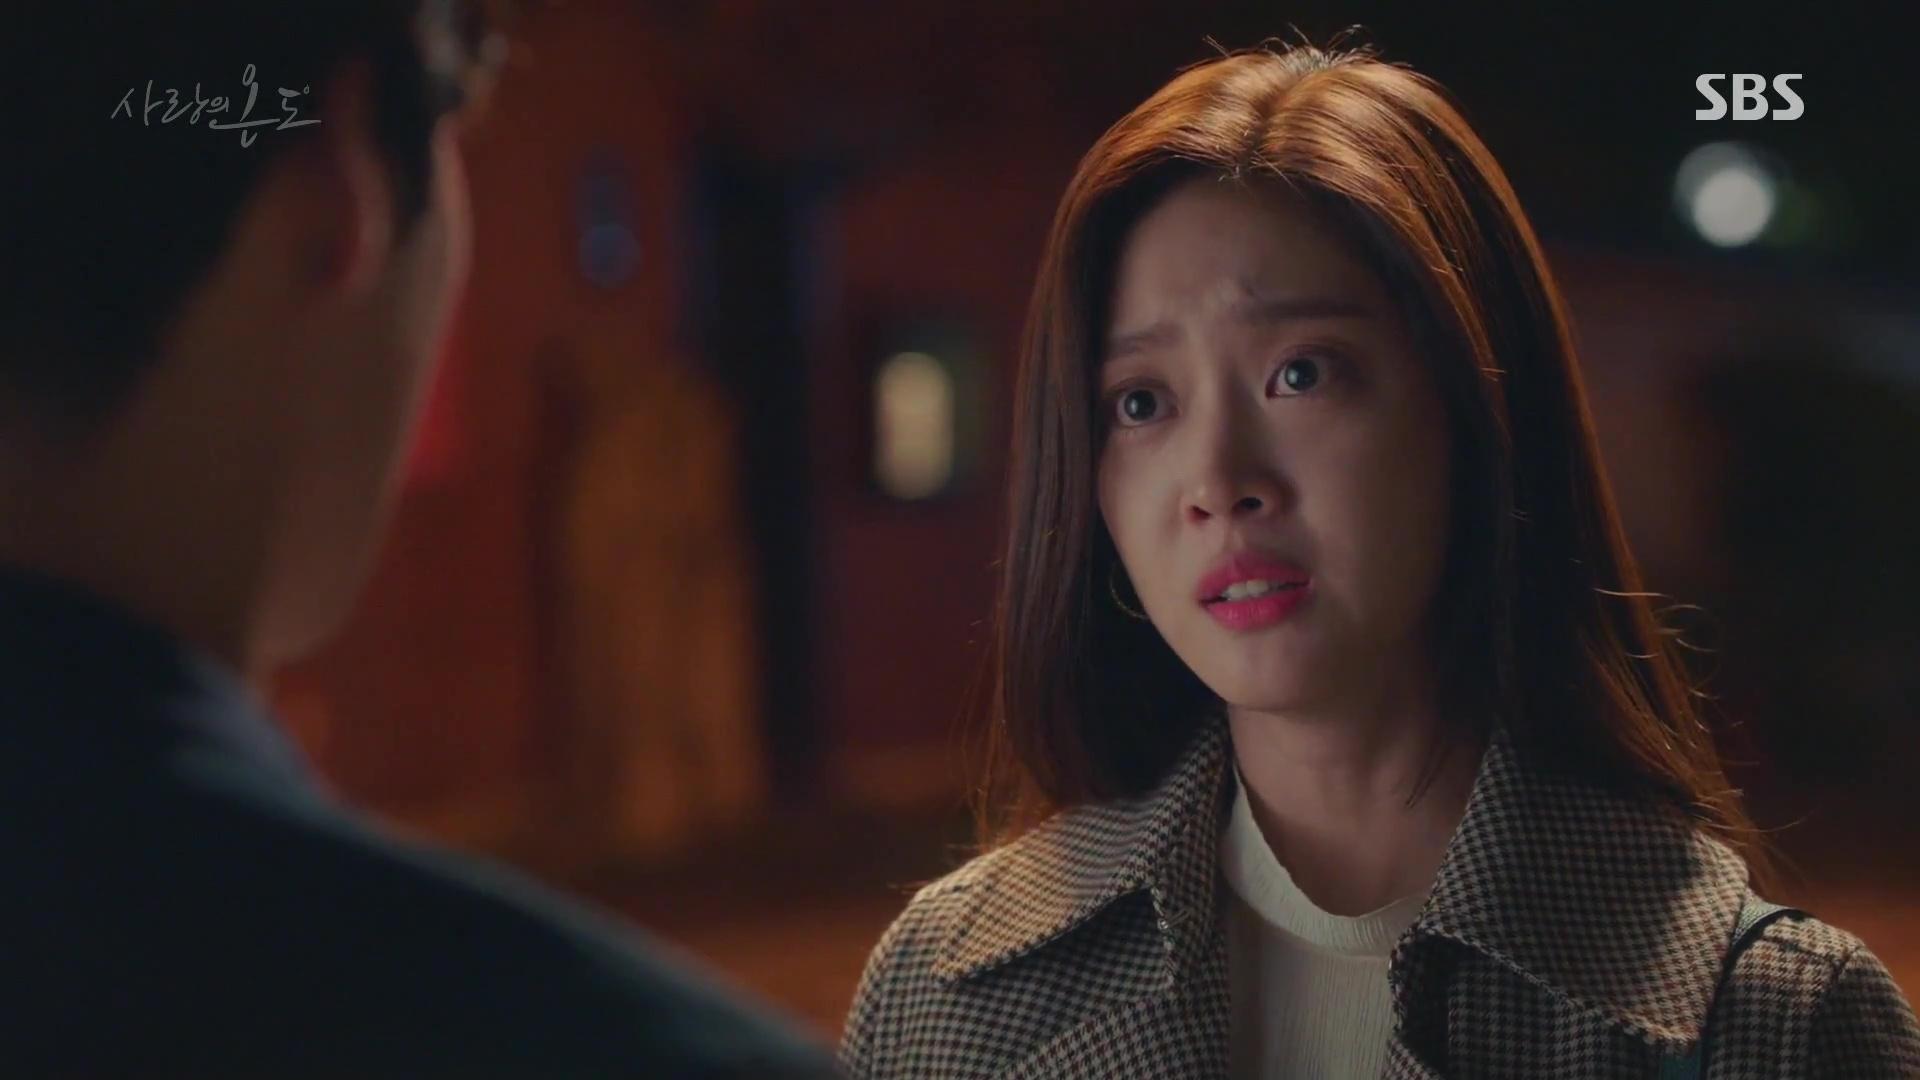 Bị nam chính bơ đẹp, yêu nữ số 1 Hàn Quốc nuốt không nổi cơm, quyết phục thù - Ảnh 7.